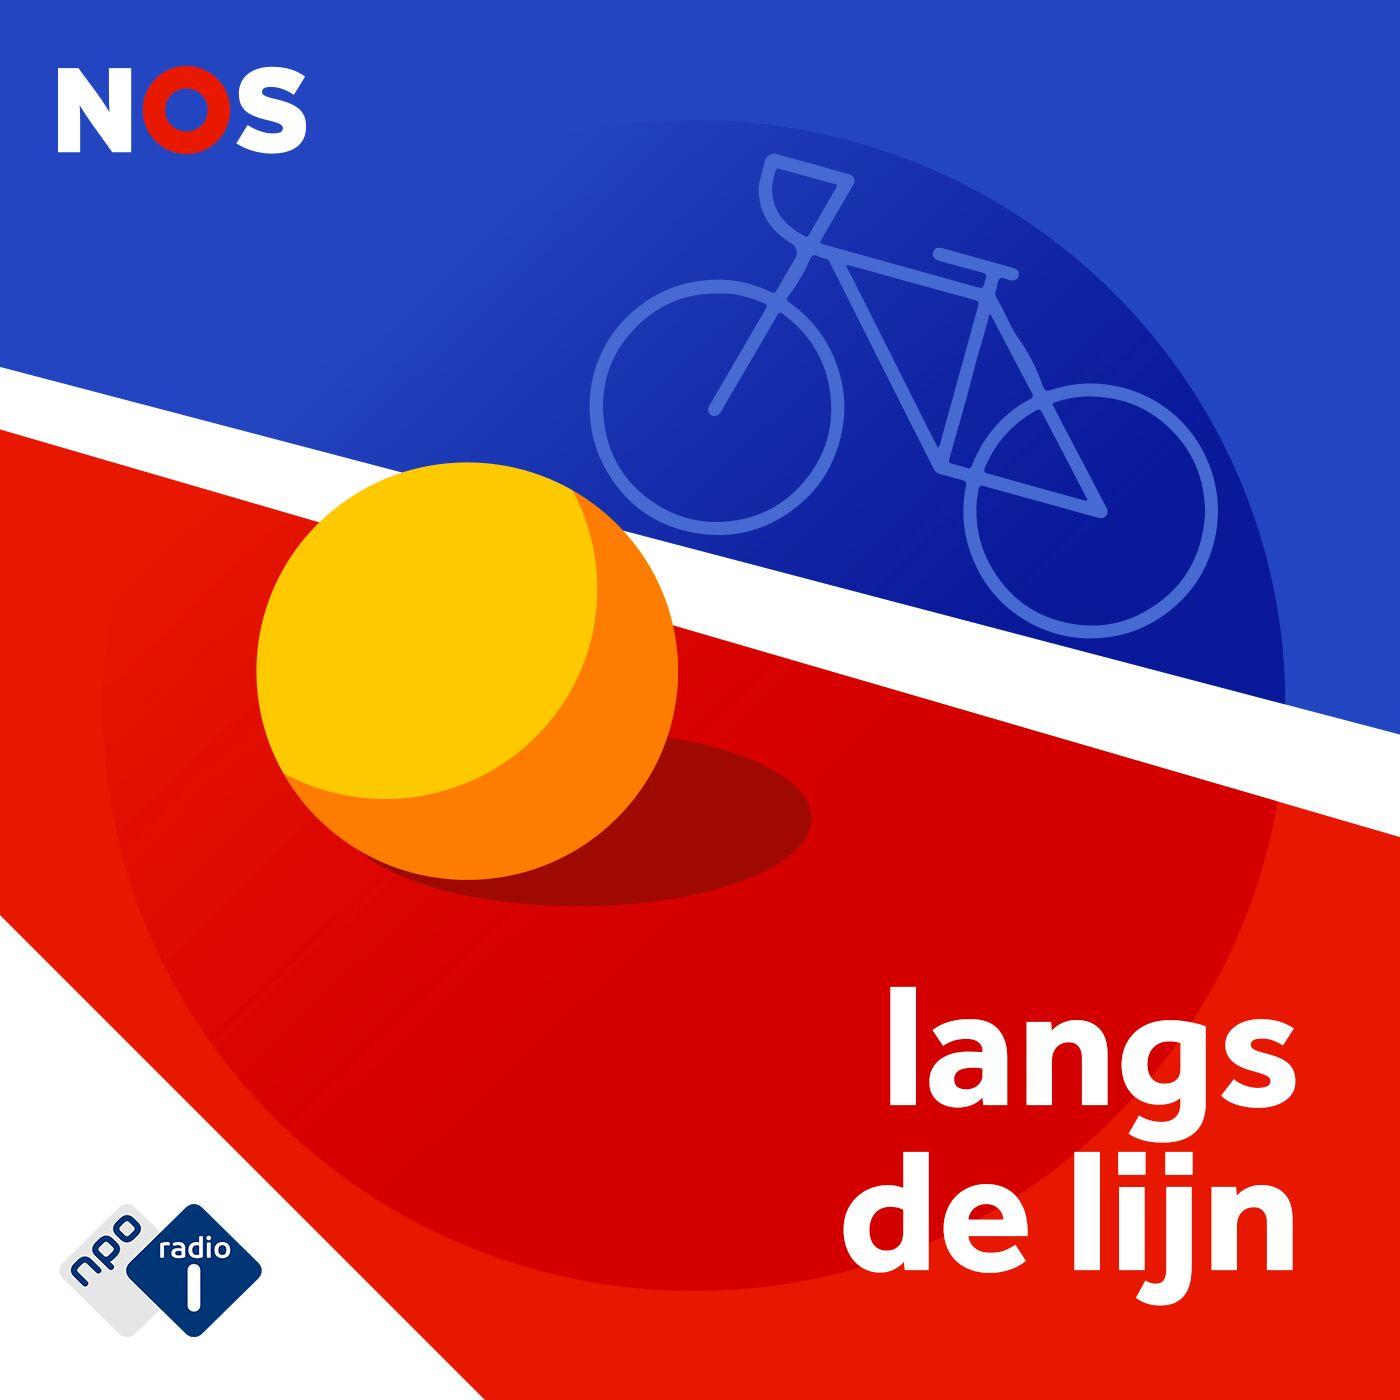 NOS Langs de Lijn logo